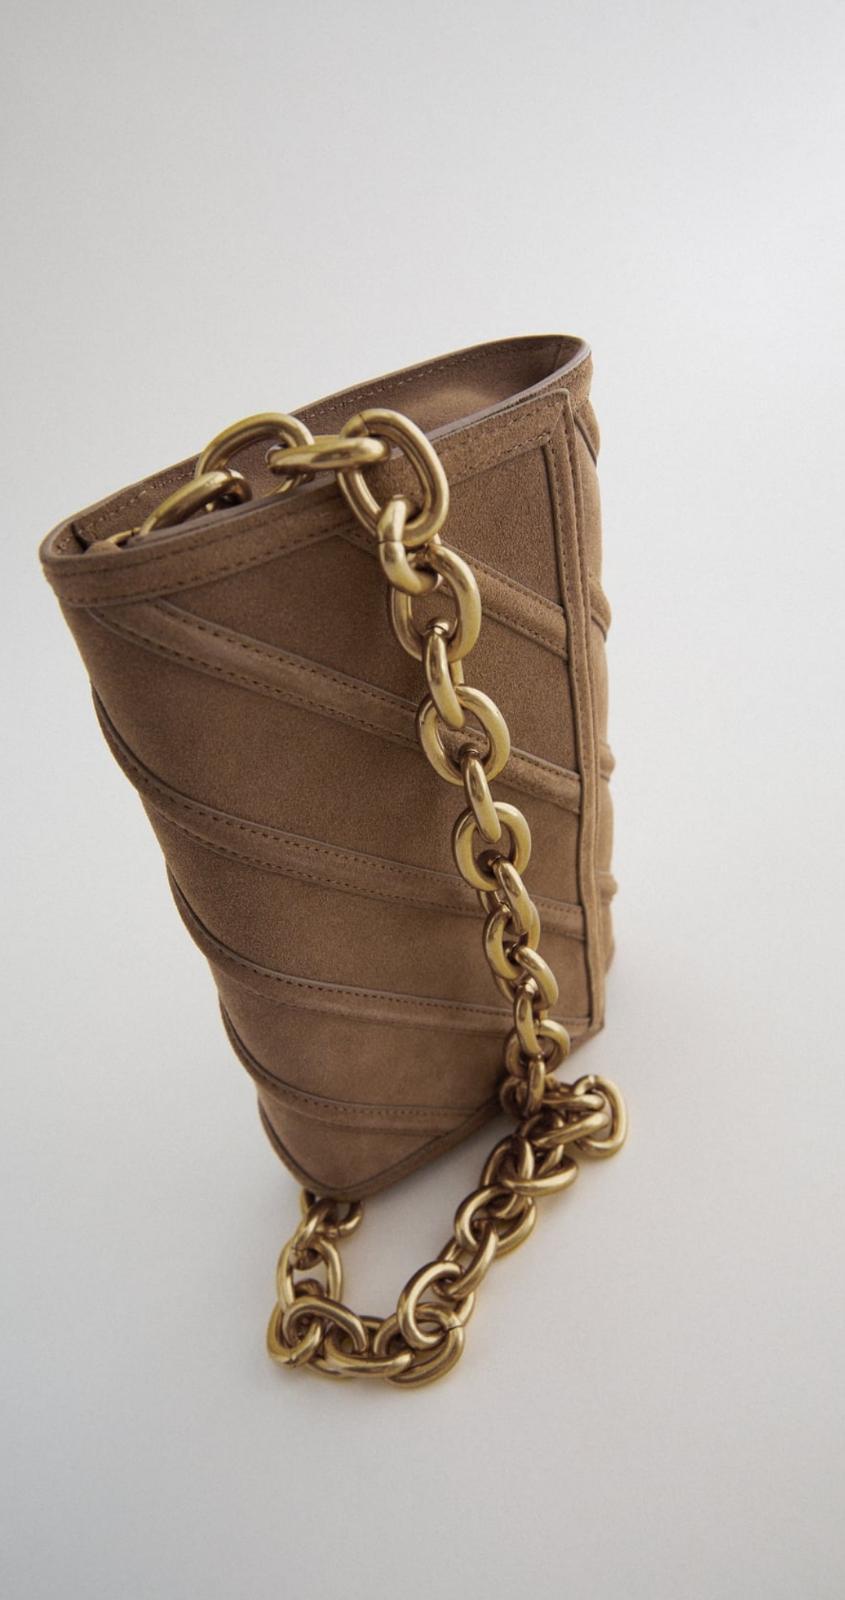 Bandolera de piel color beige con cadena gruesa 39'95€